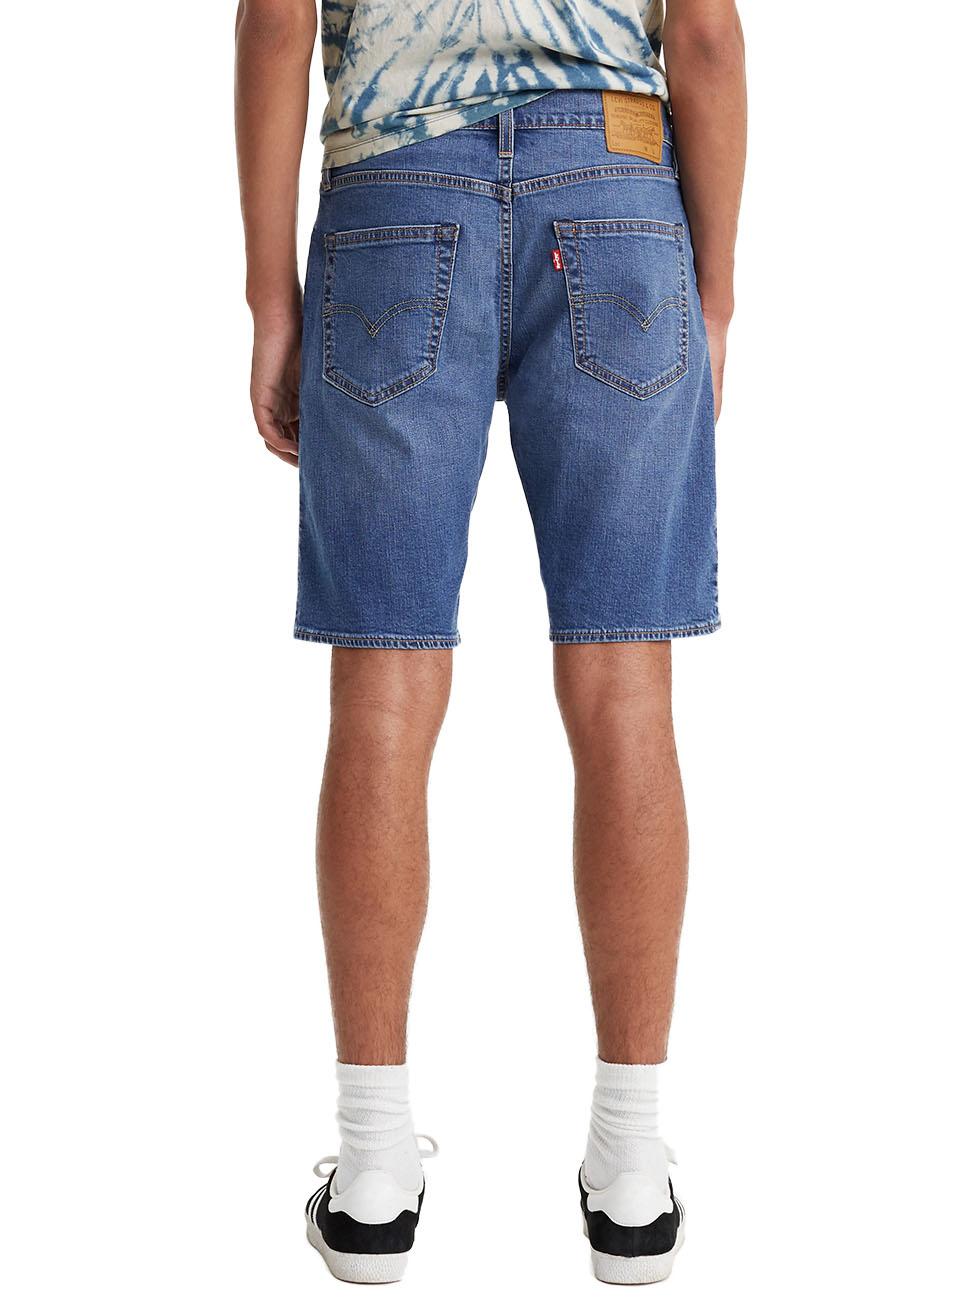 Fashion Friday - Shorts-Spezial für den mydealz-Mann, z.B. Levi's Jeans Shorts 502 Tapper Hemmed in 6 Waschungen